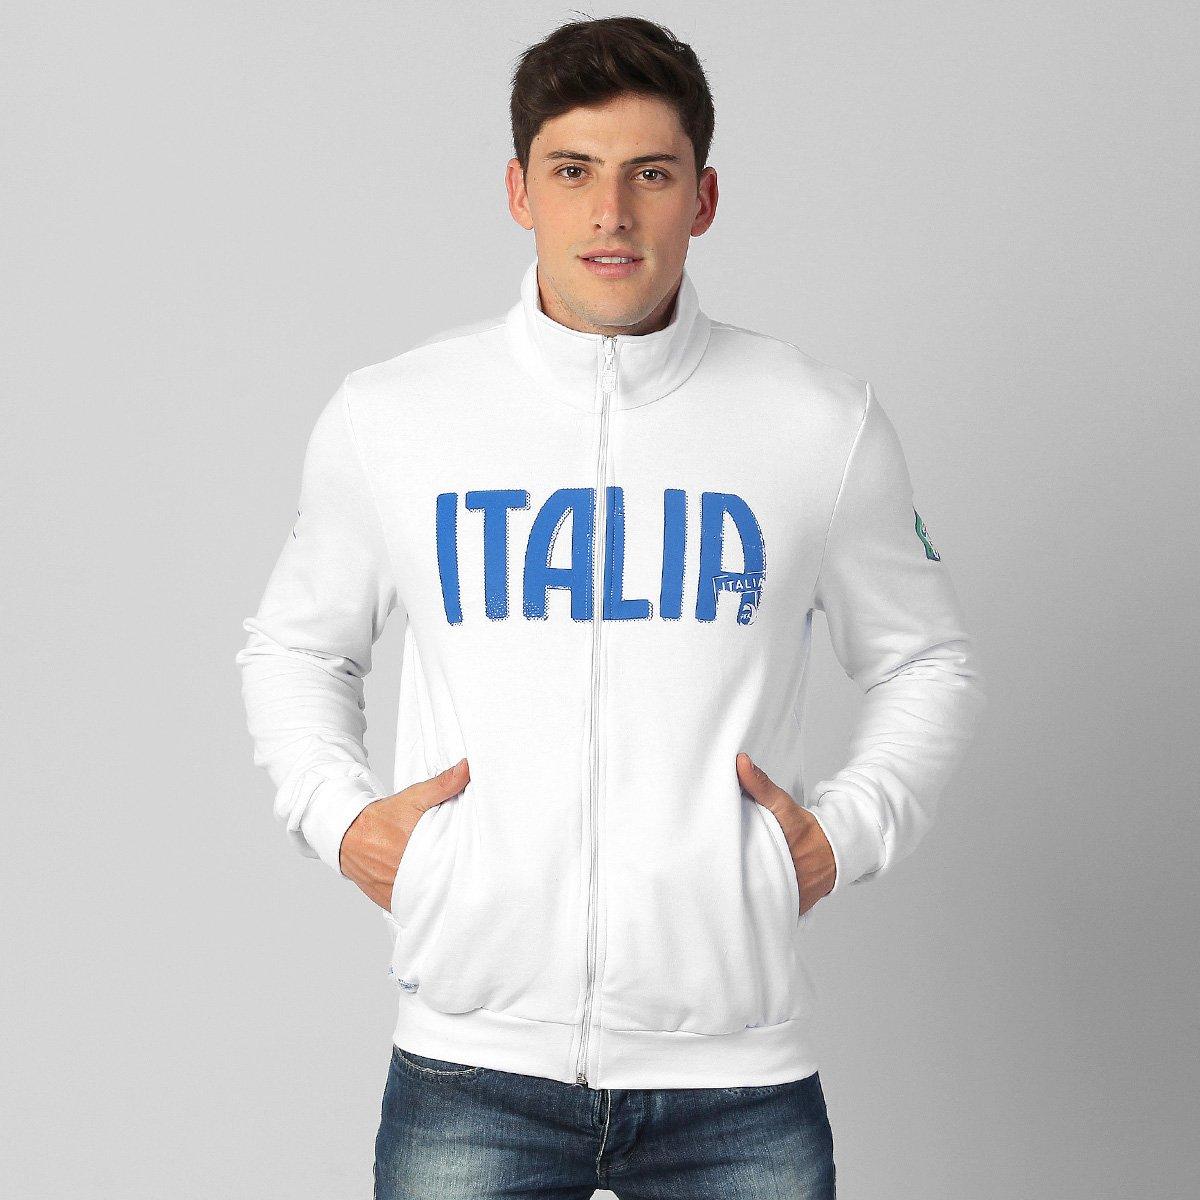 c37b867ef9 Jaqueta Puma Seleção Itália - Compre Agora